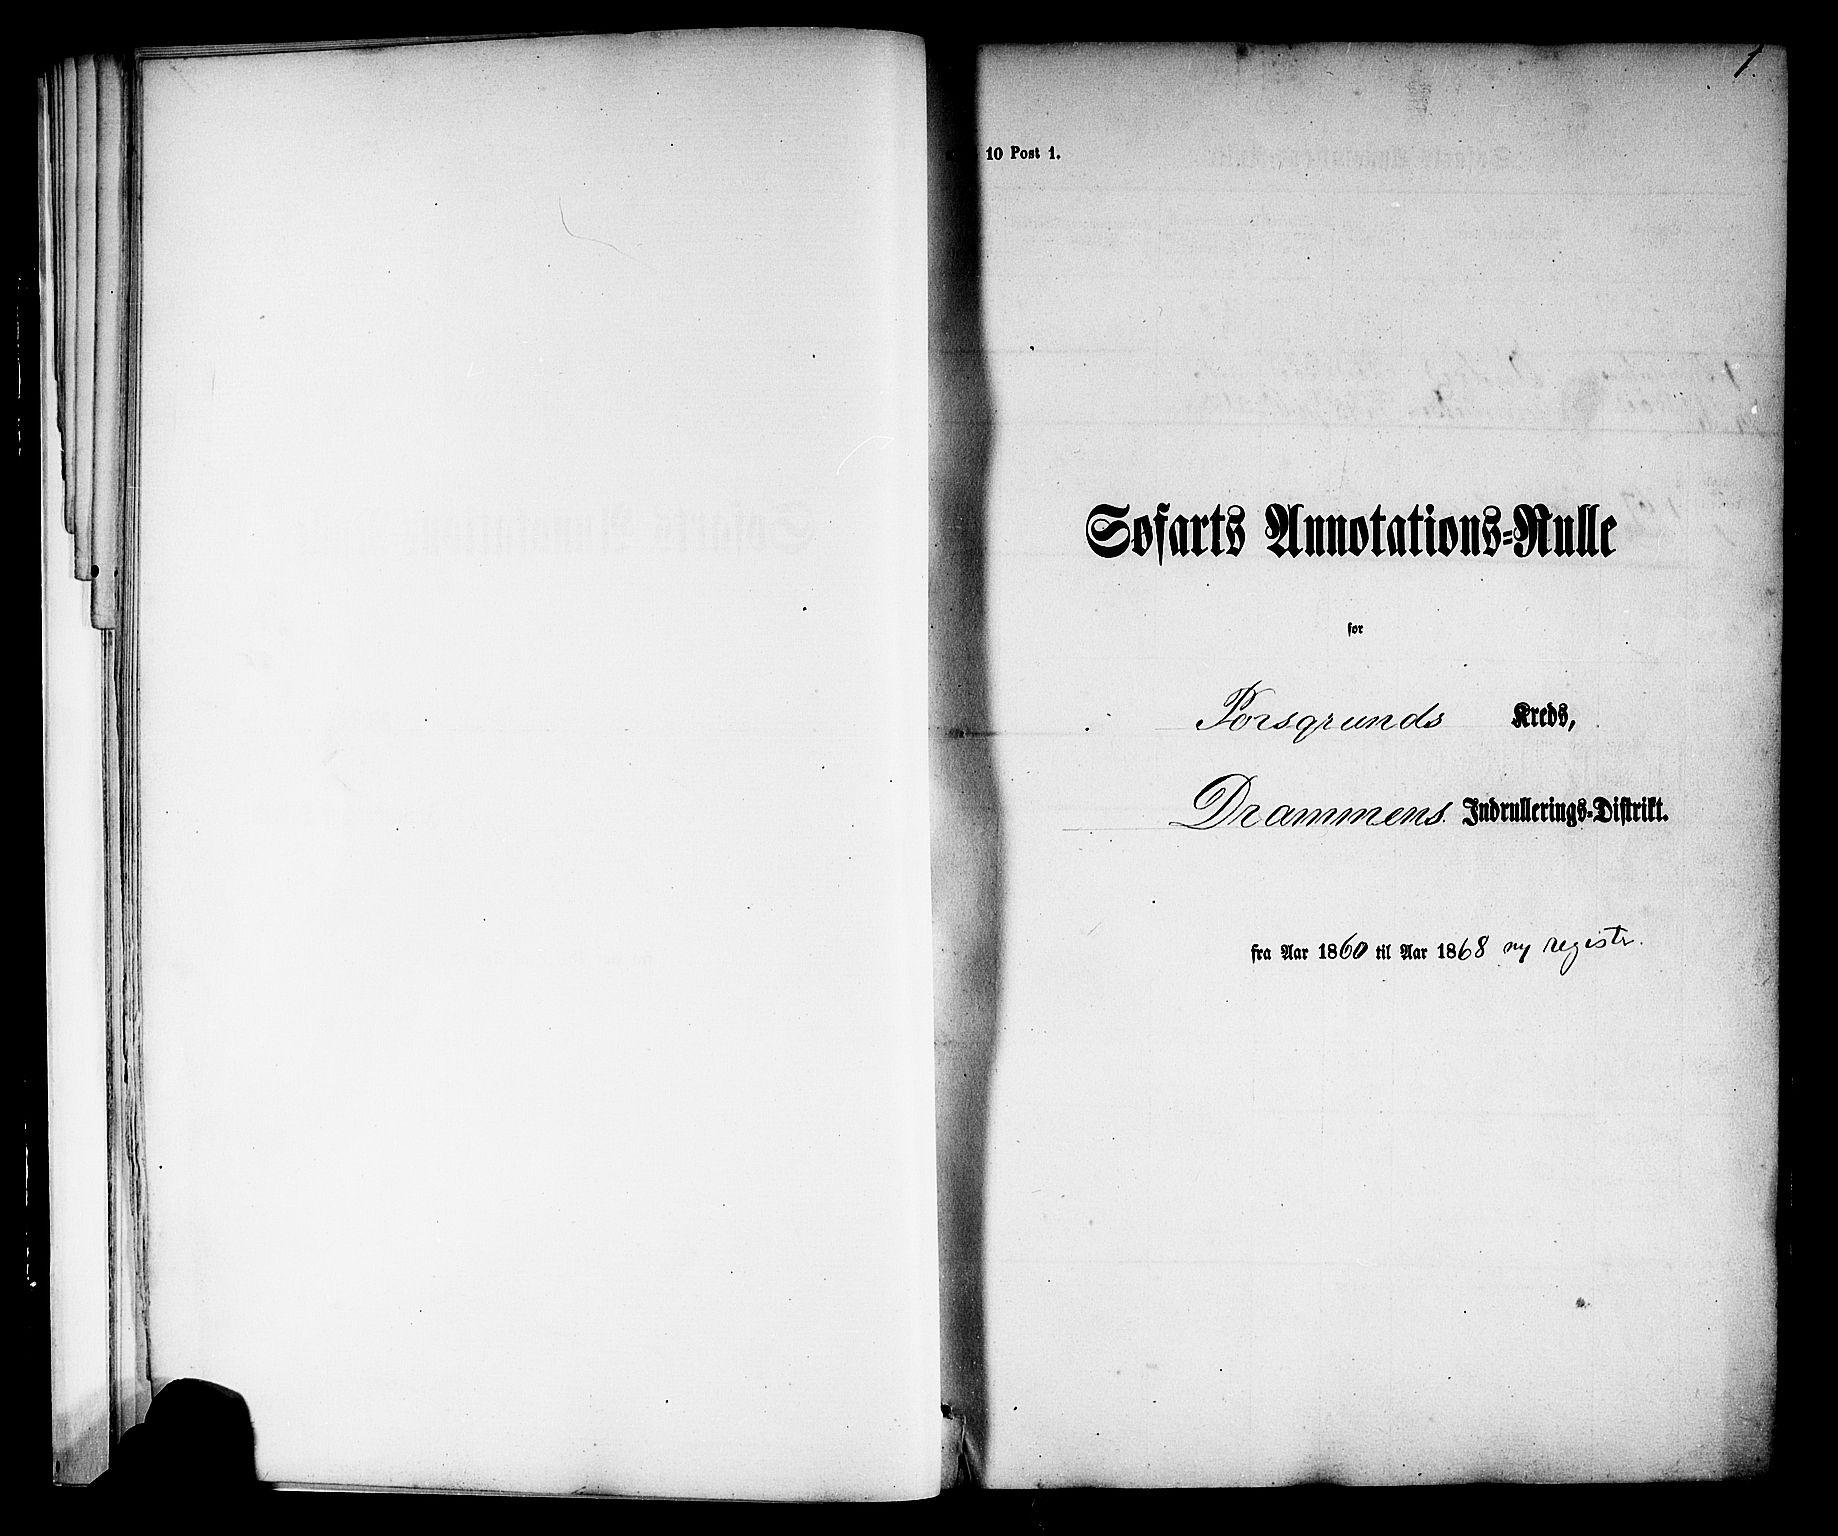 SAKO, Porsgrunn innrulleringskontor, F/Fb/L0001: Annotasjonsrulle, 1860-1868, s. 29